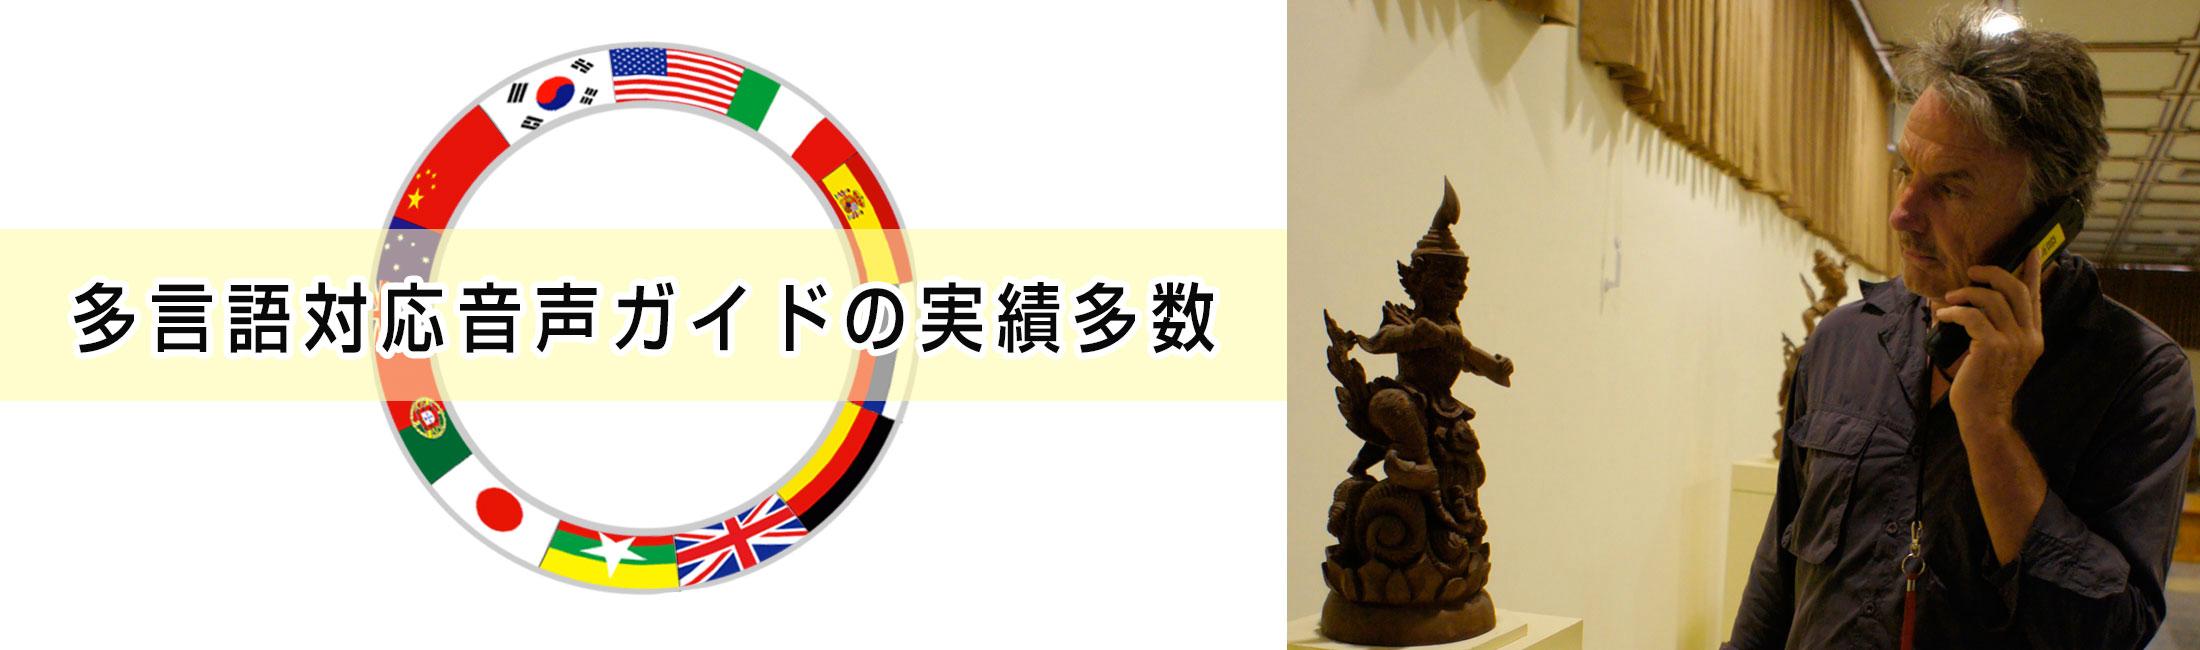 宮下事務所の多言語音声ガイド